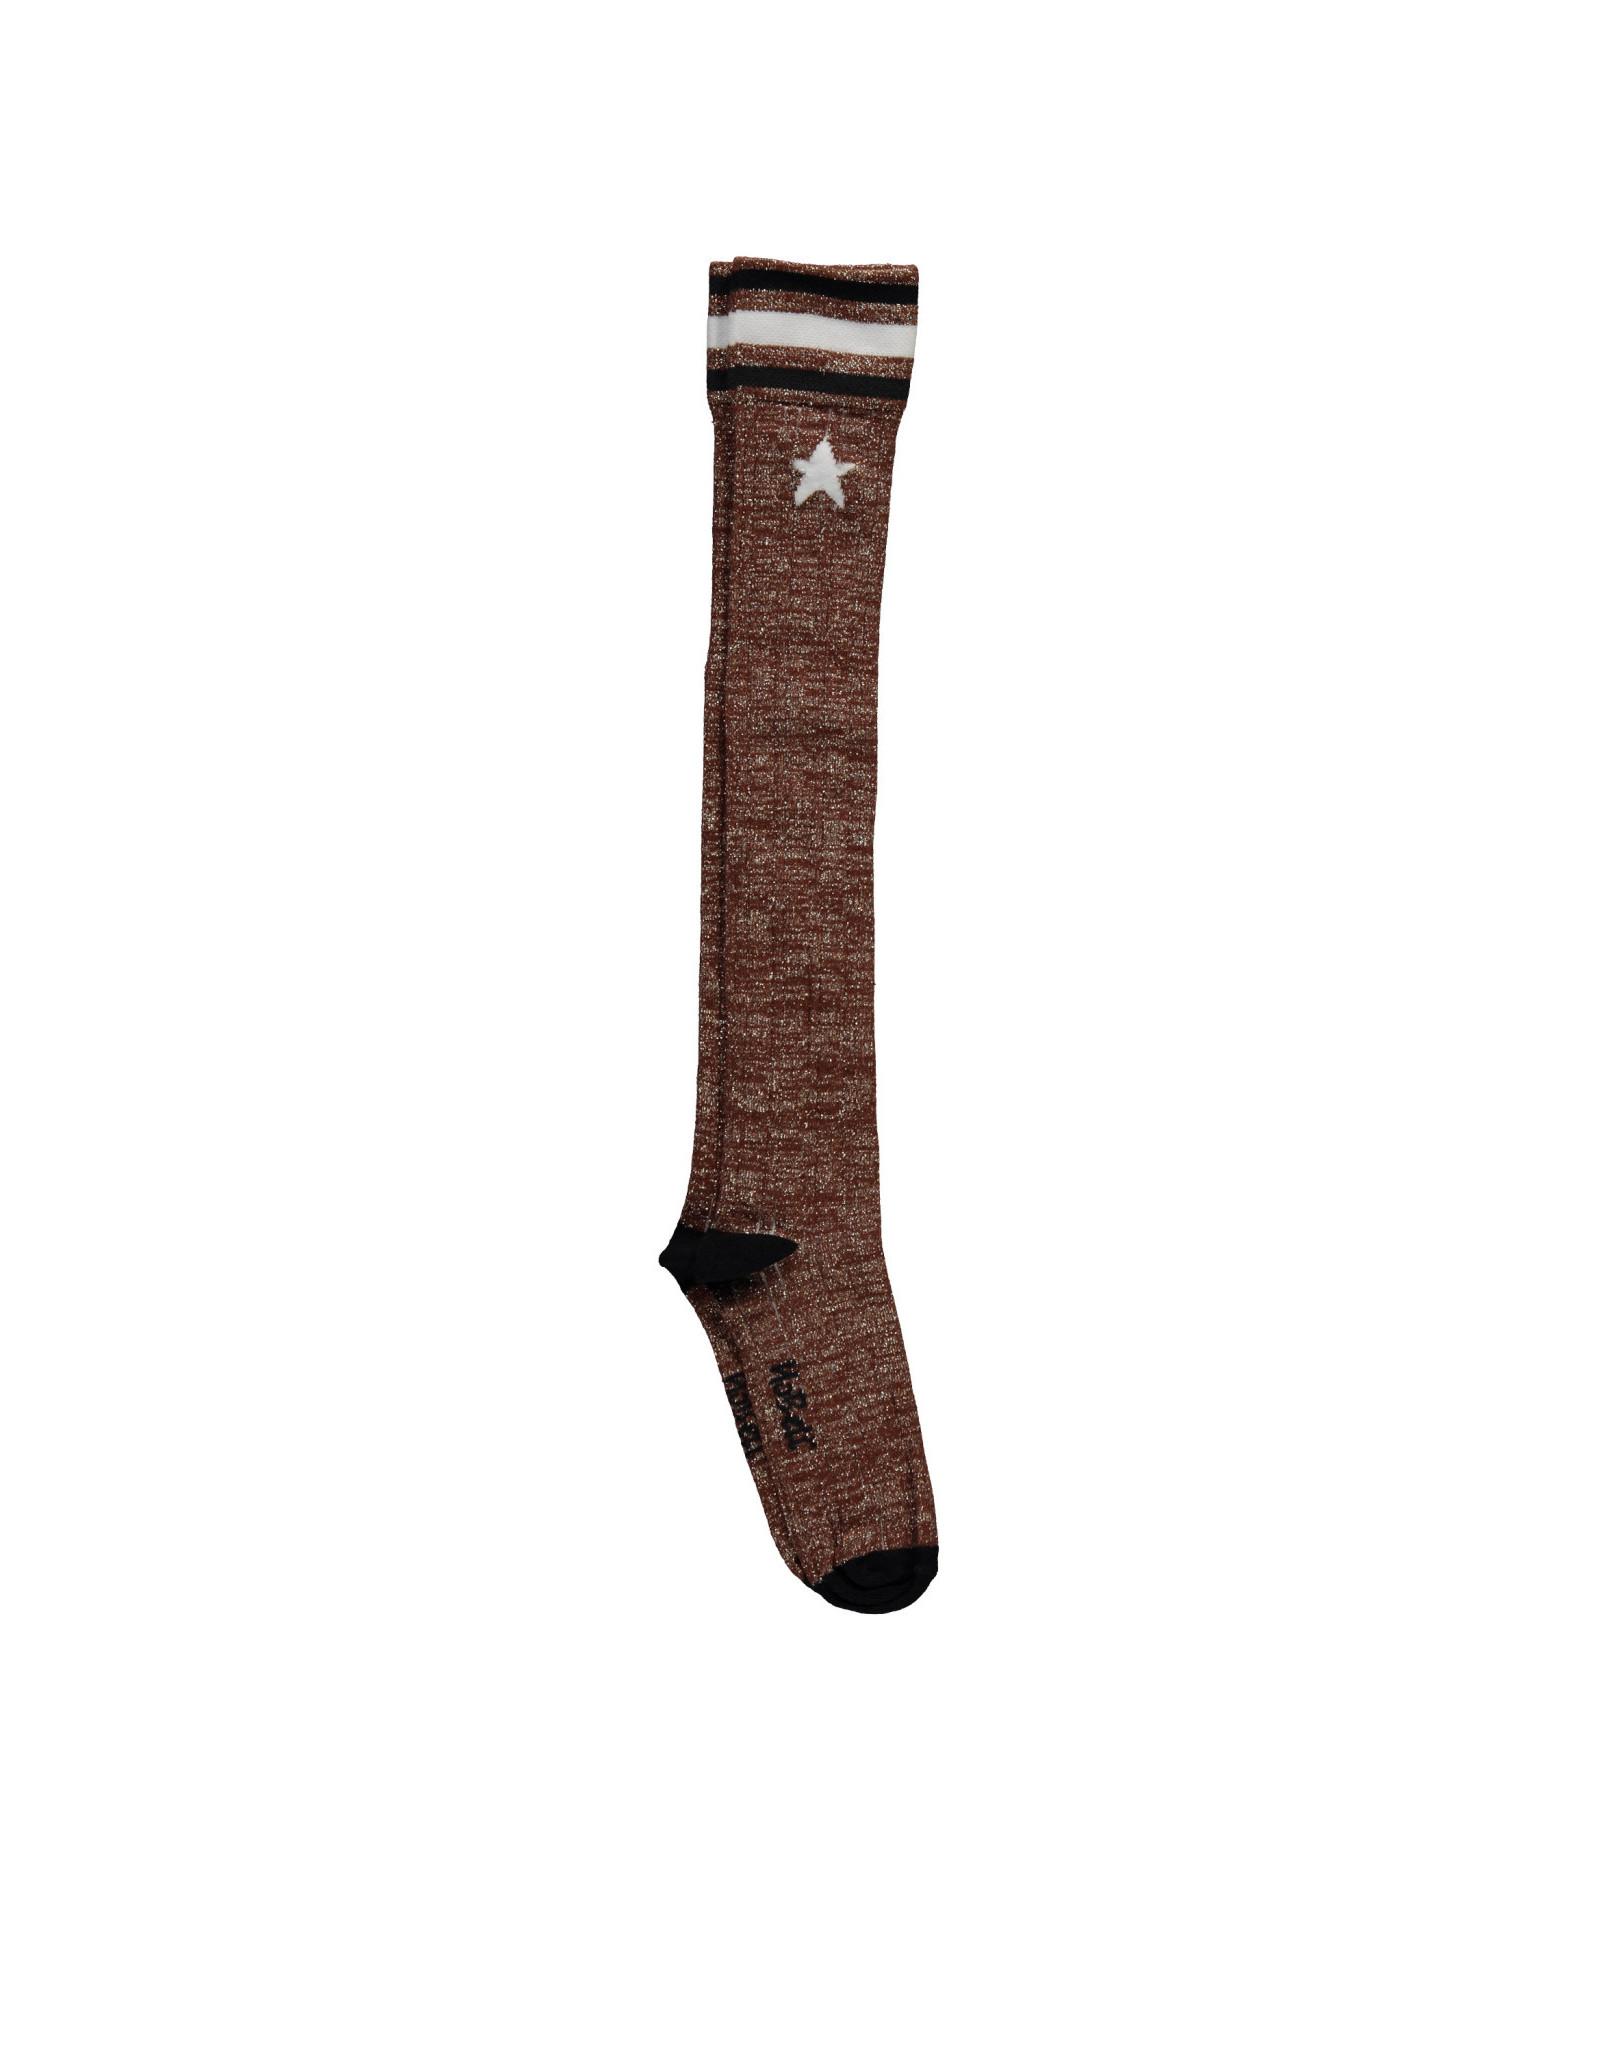 NoBell' NoBell meiden sokken Rosi